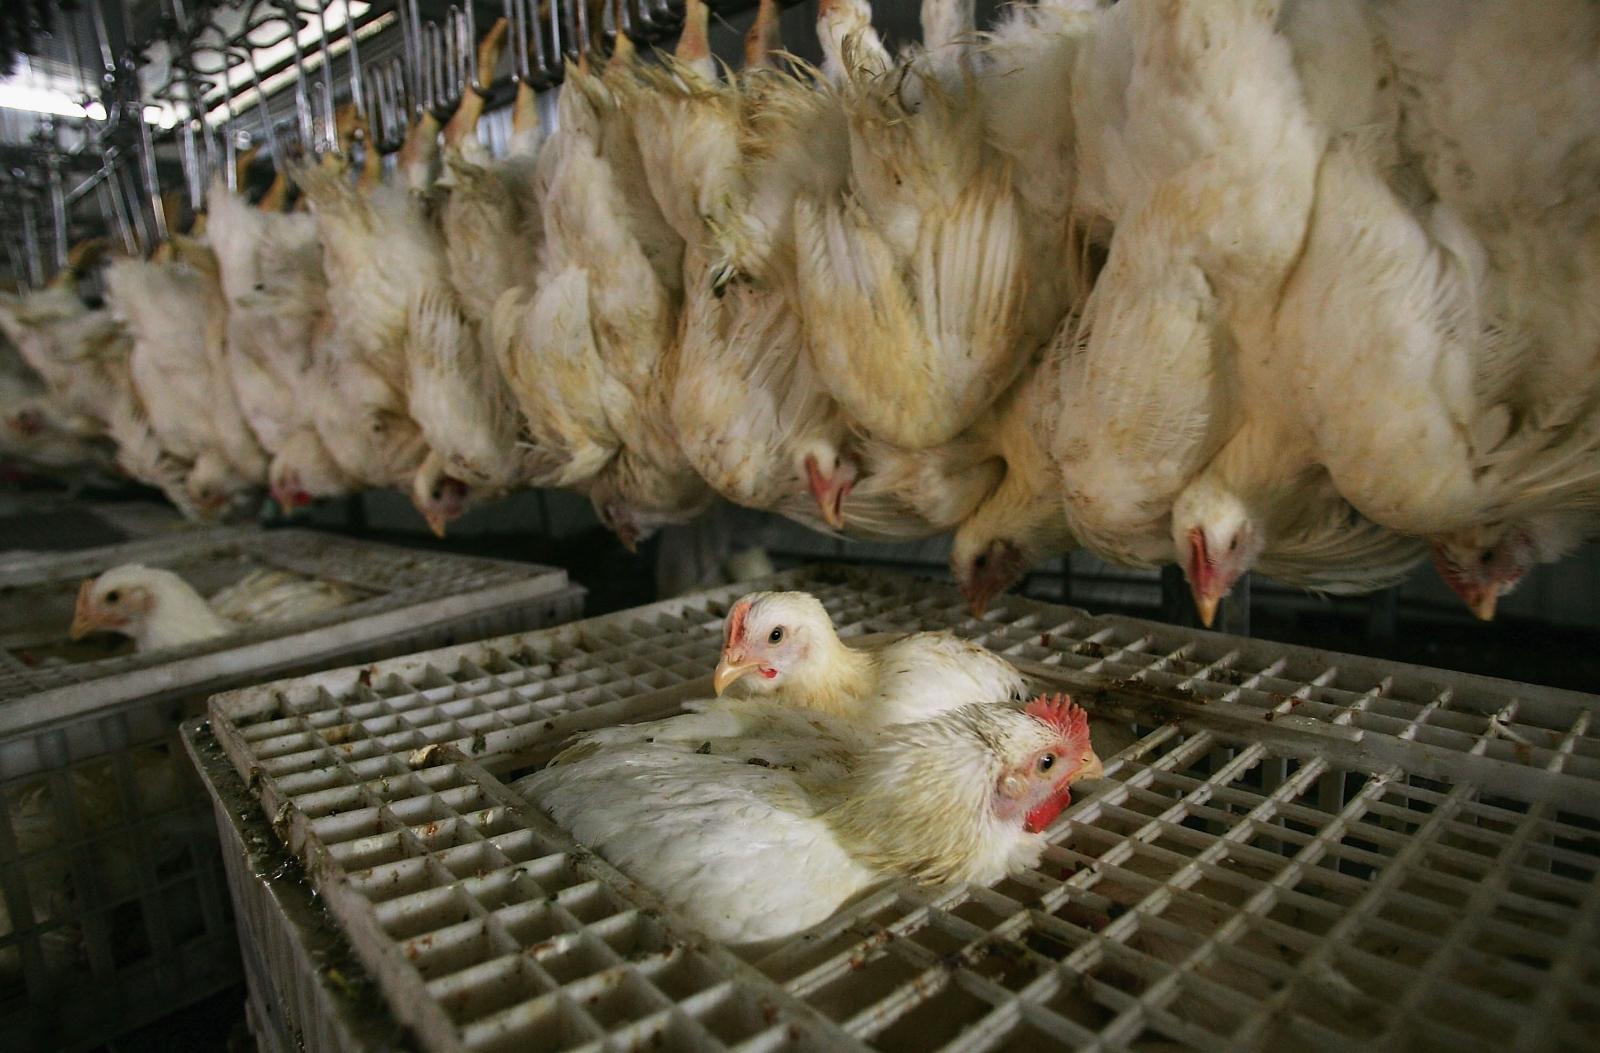 Chicken abattoir